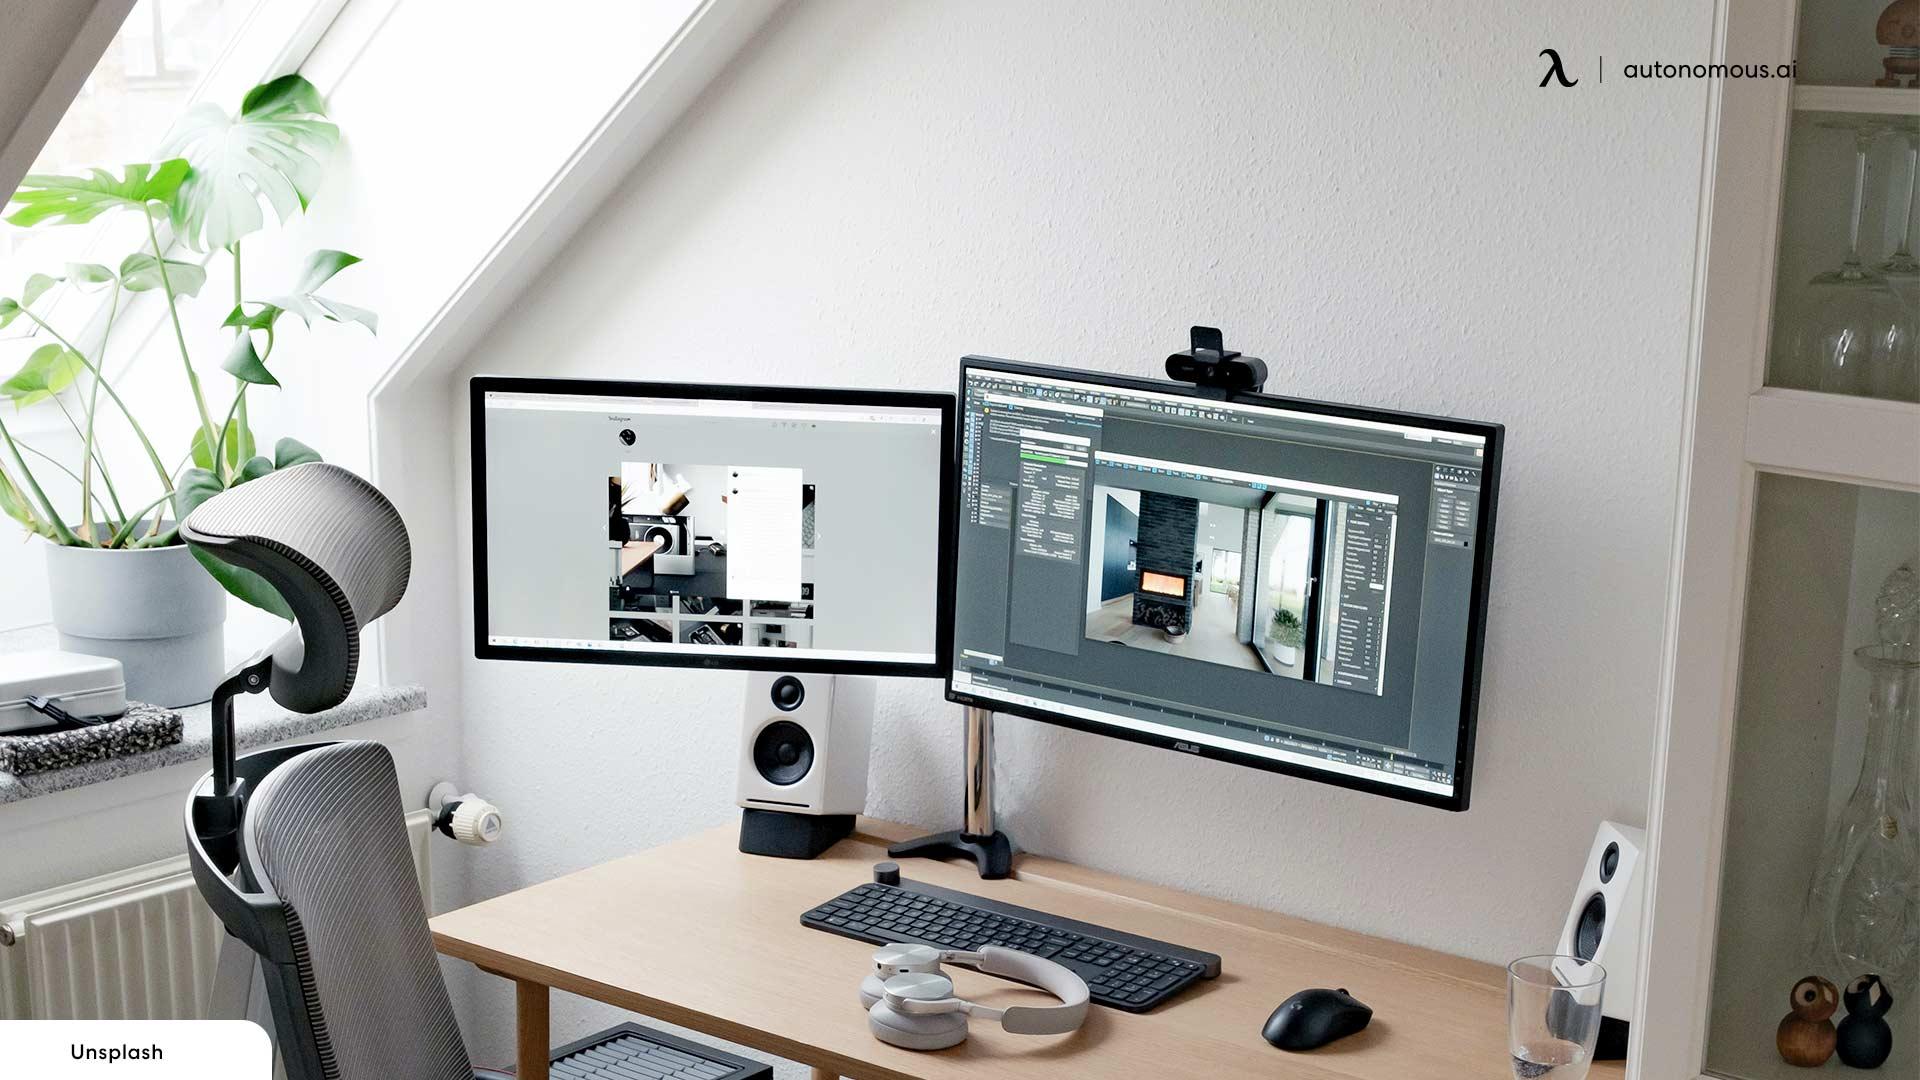 Consider Office Lighting for ergonomic office setup